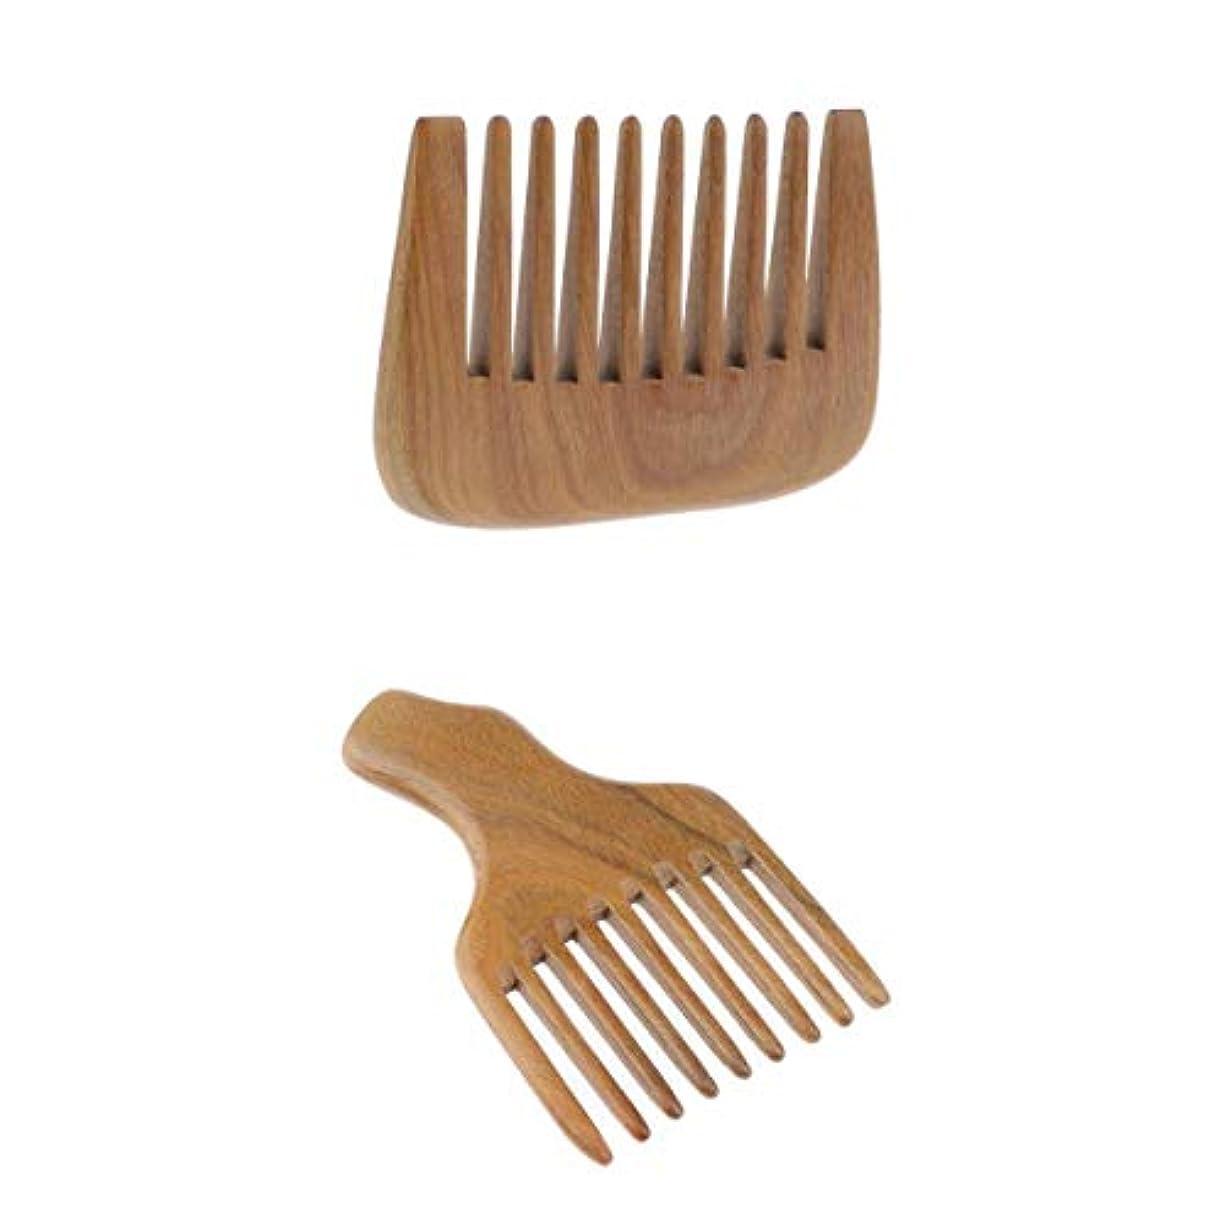 先にファブリック勝つT TOOYFUL 2個 ウッドコーム 歯櫛 ヘアブラシ アンチスタティック グリーン サンダルウッド 木製櫛 静電防止